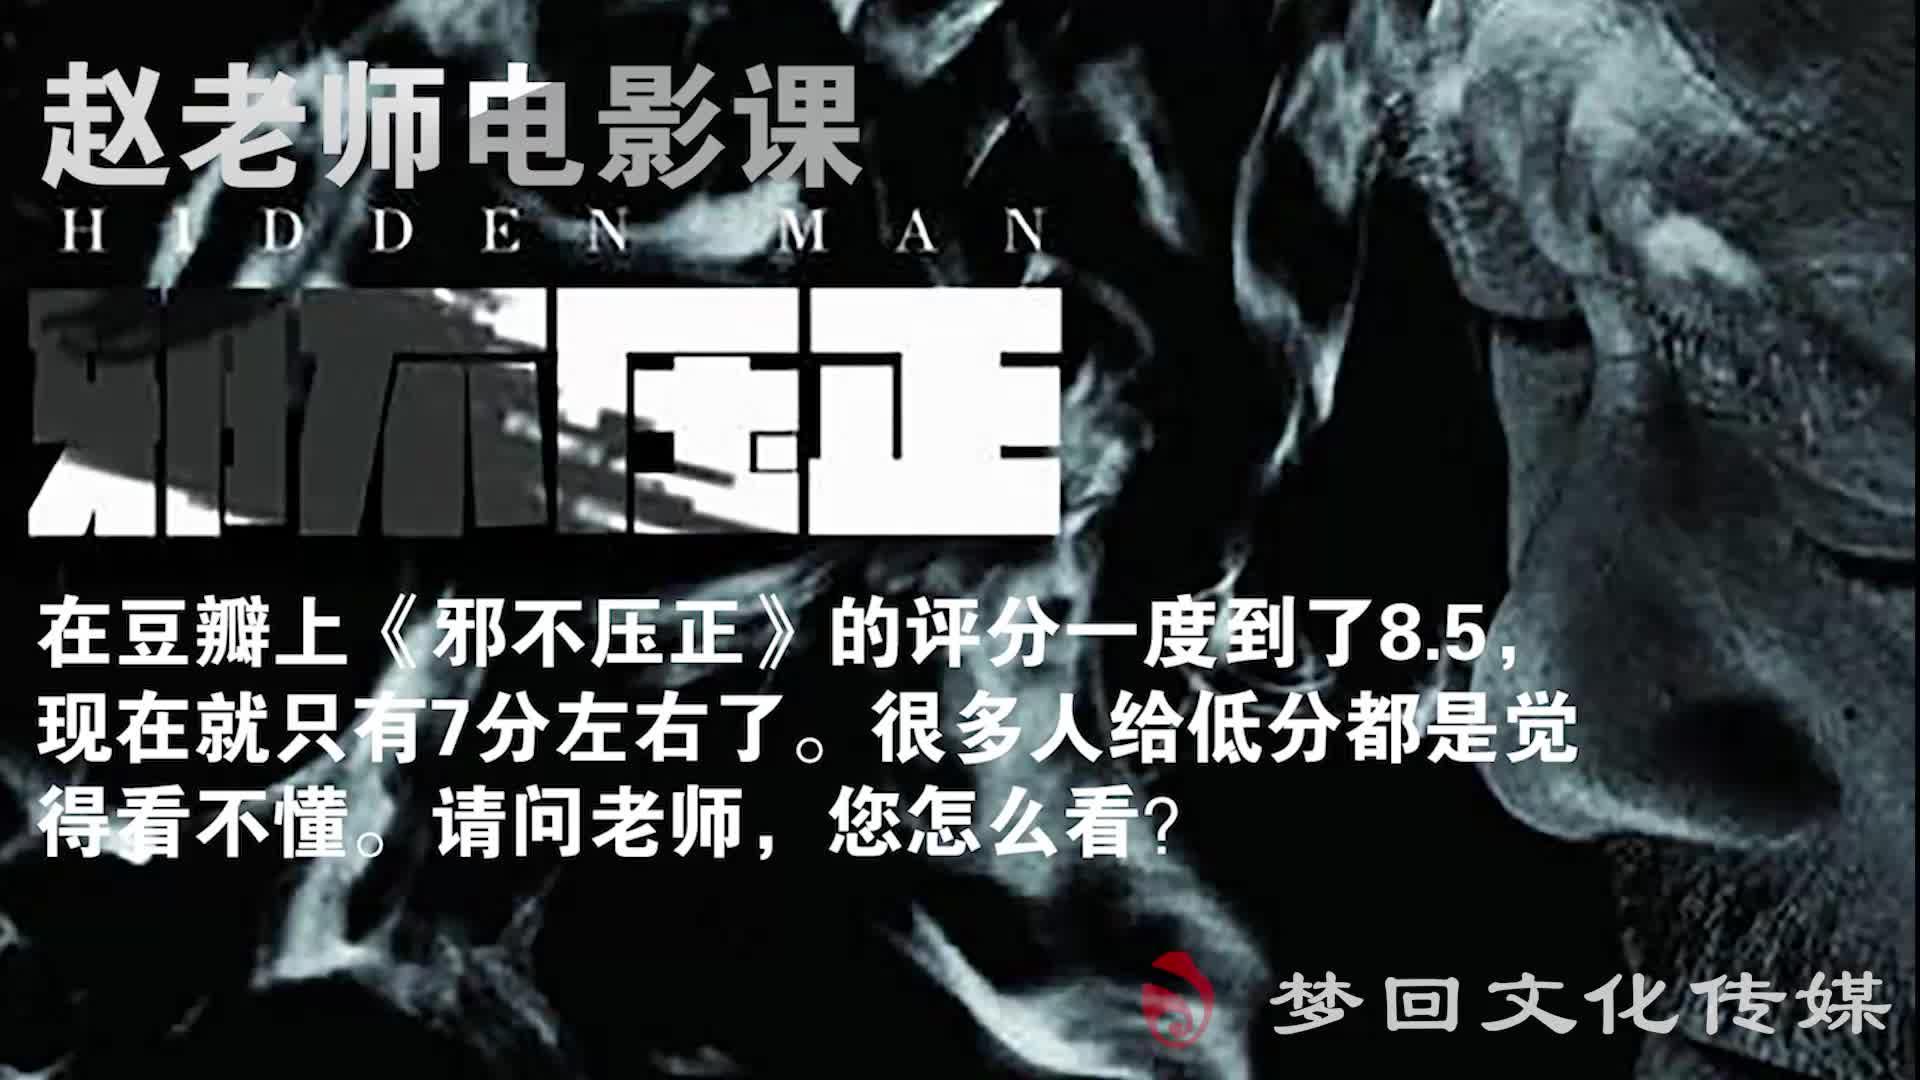 【赵老师的电影课】邪不压正(一)